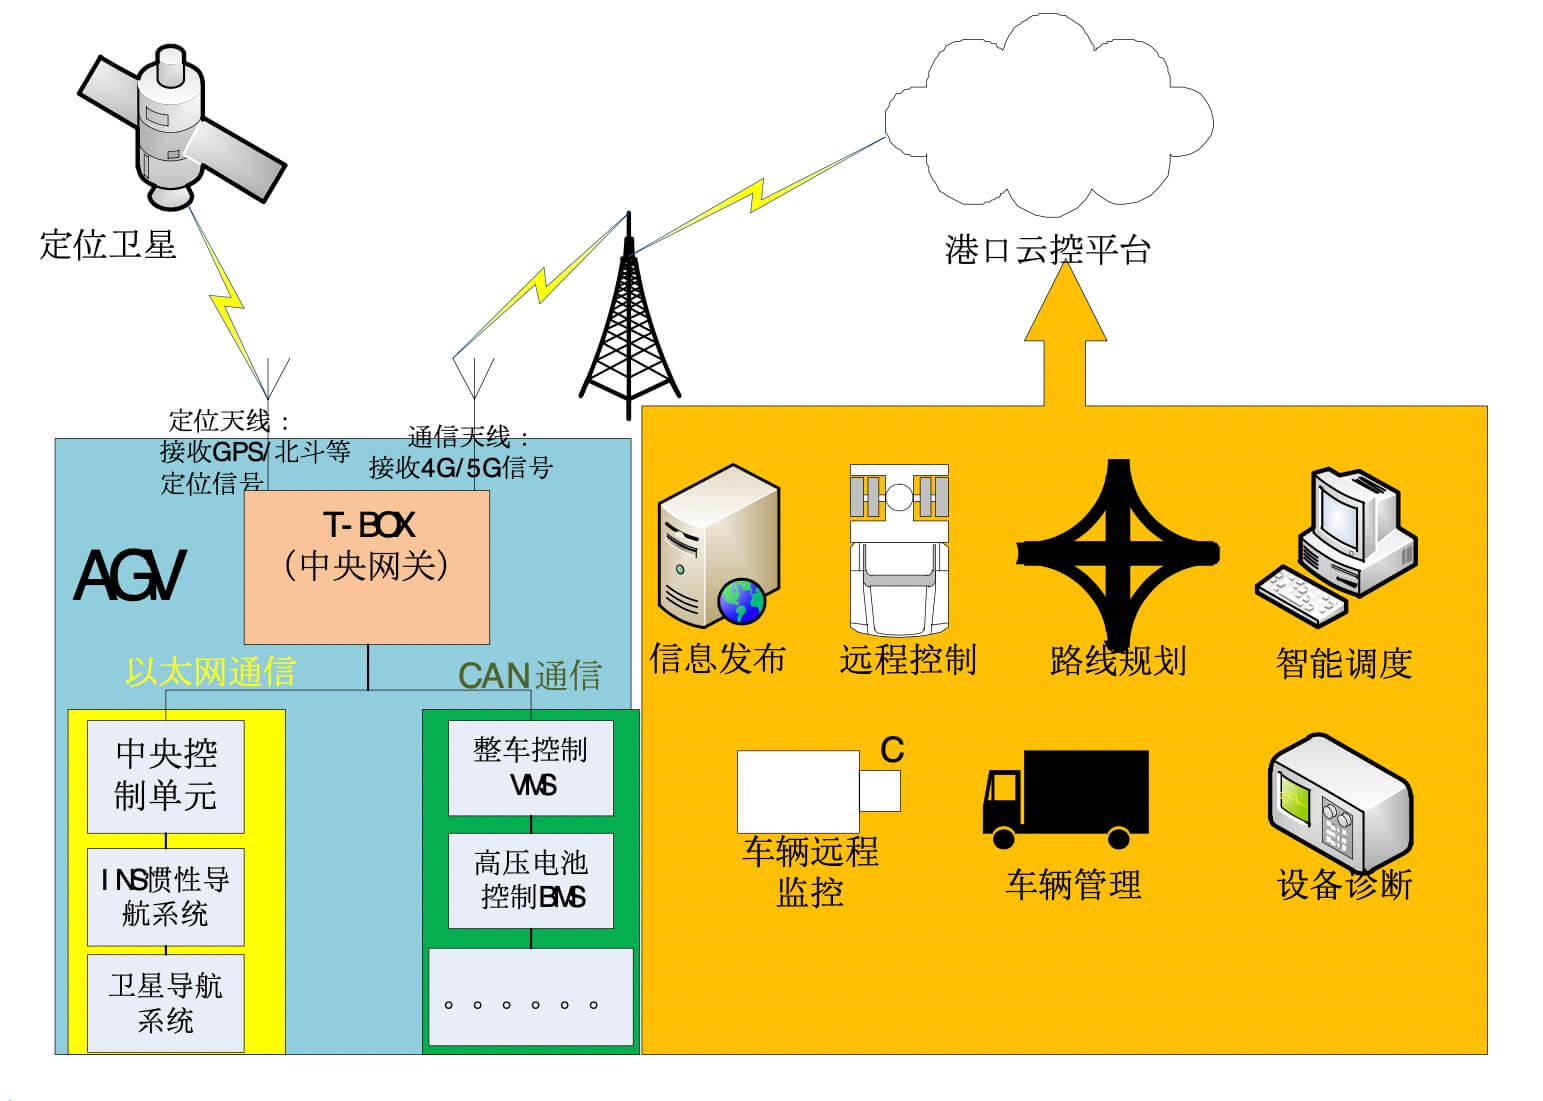 工业计算机在智慧港口AGV中的应用